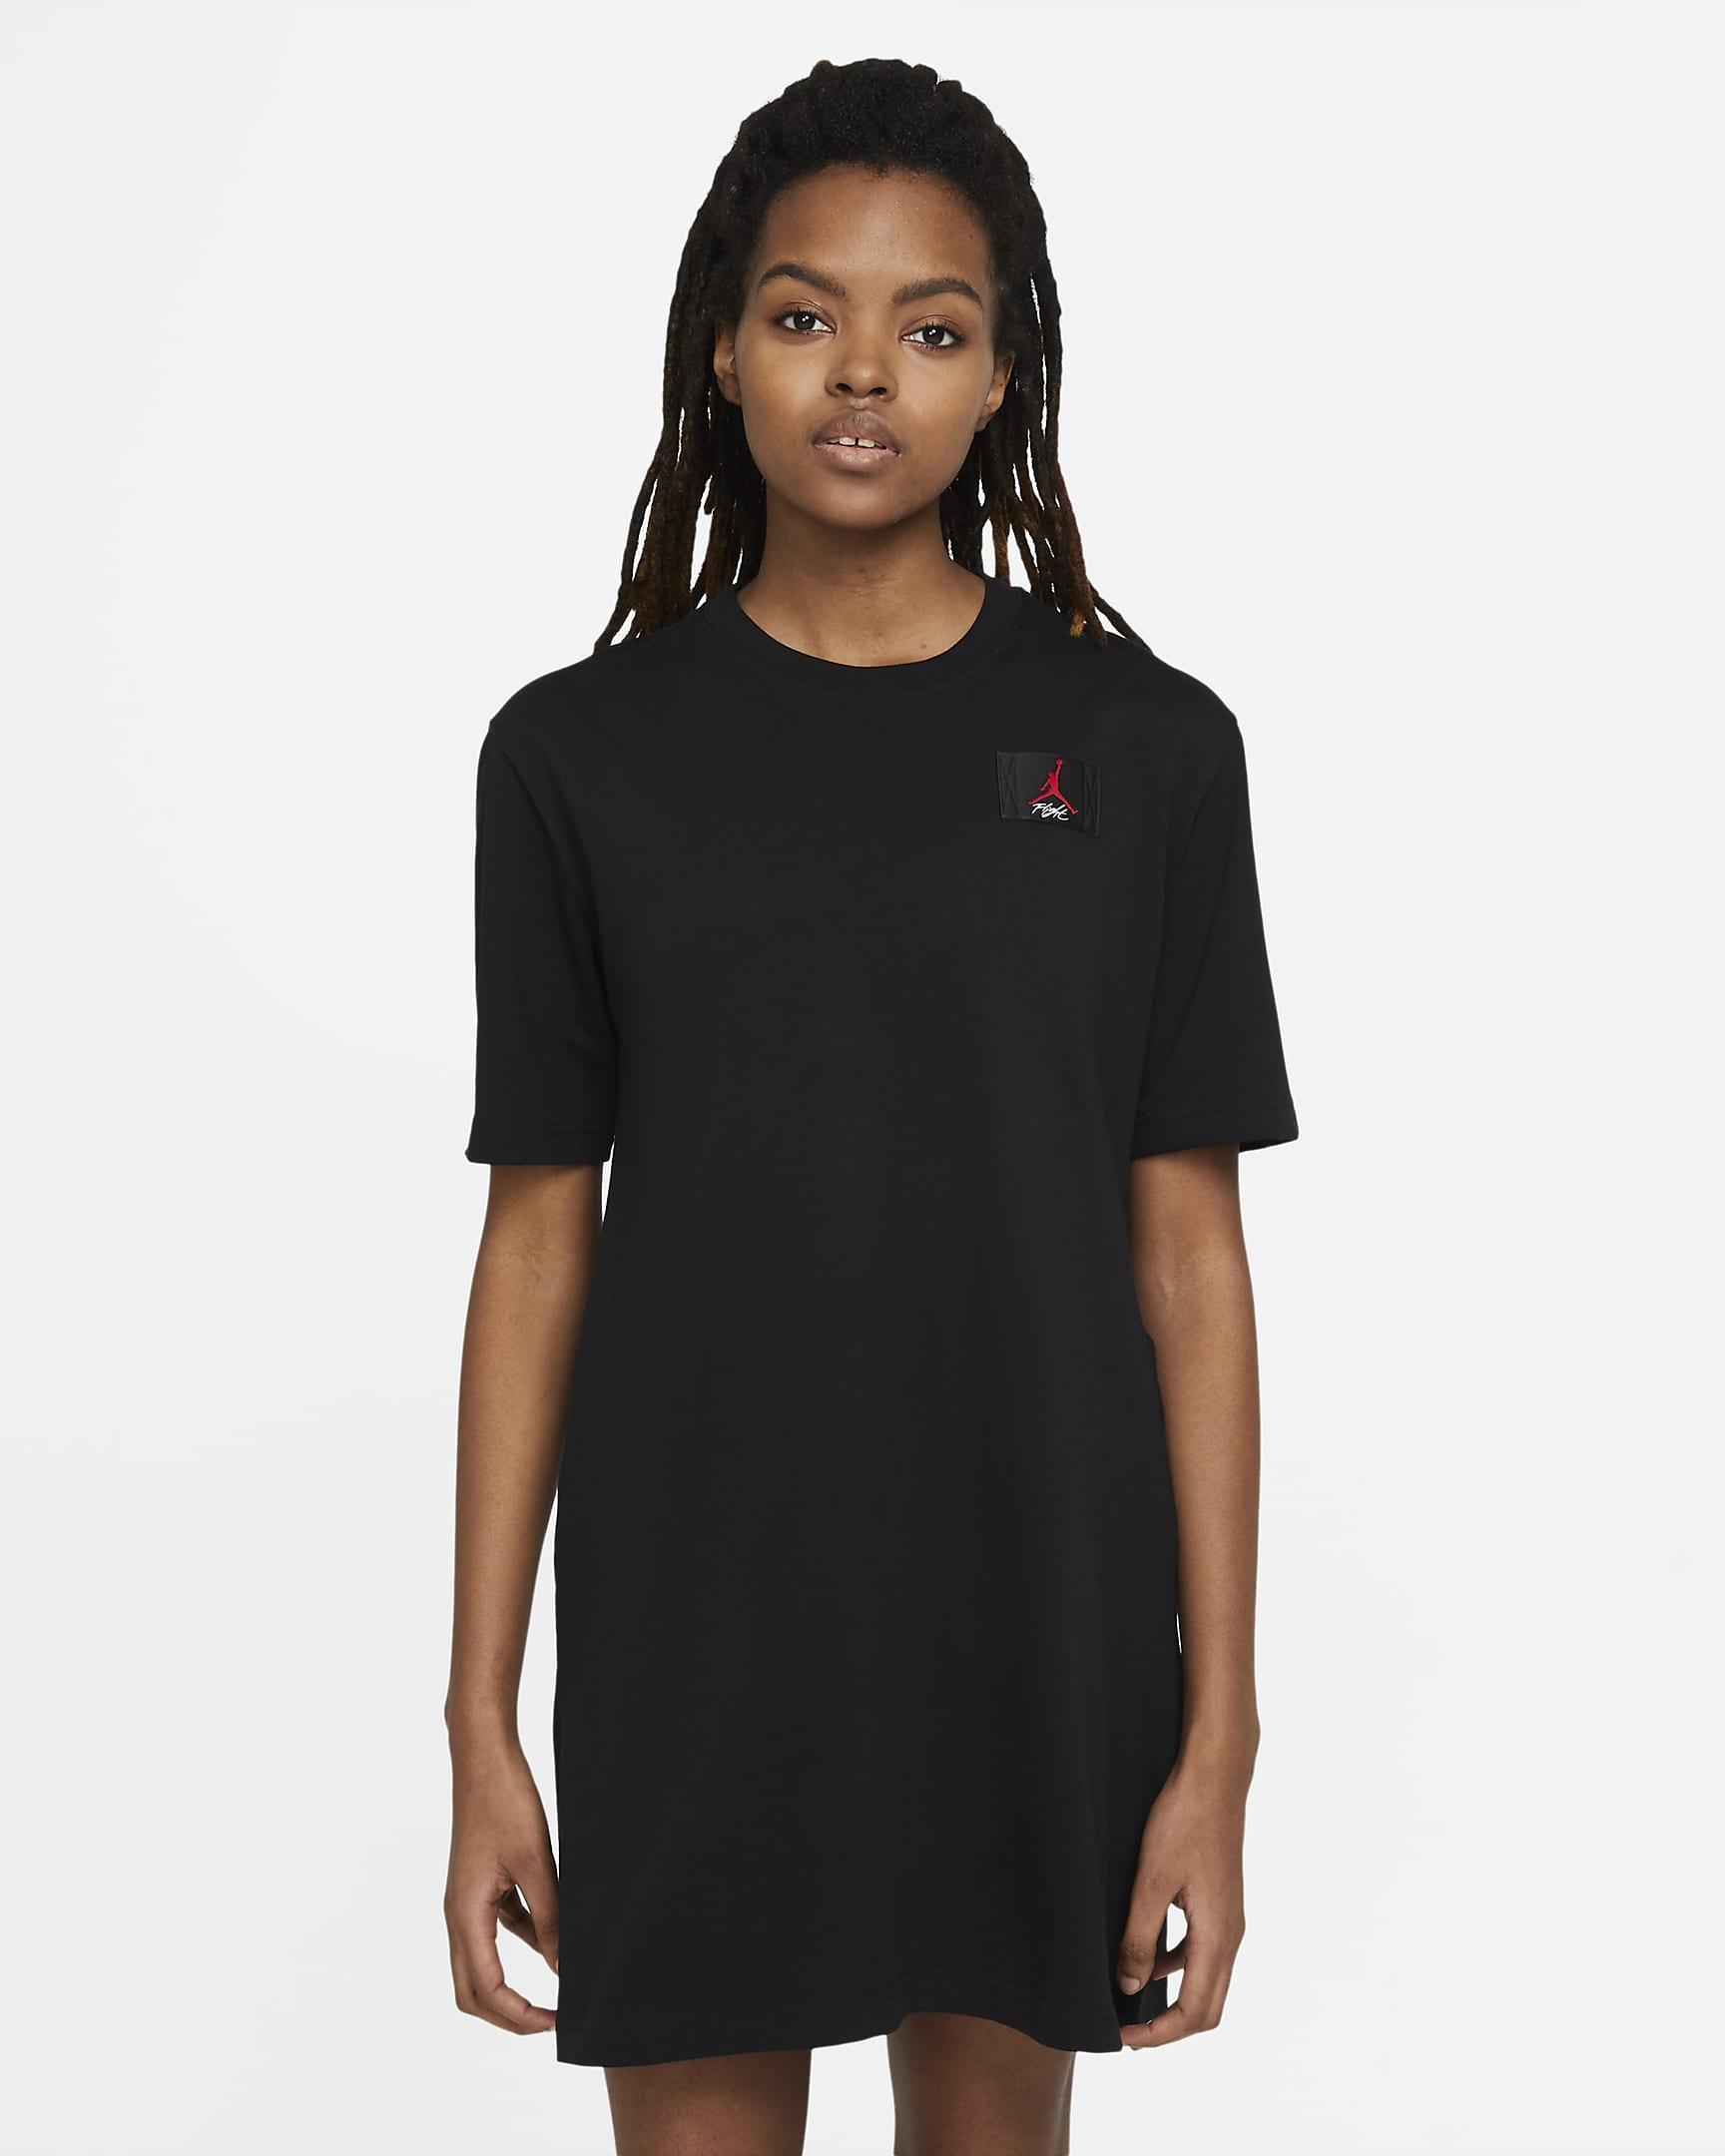 jordan-essentials-womens-dress-nC3T54-1.png